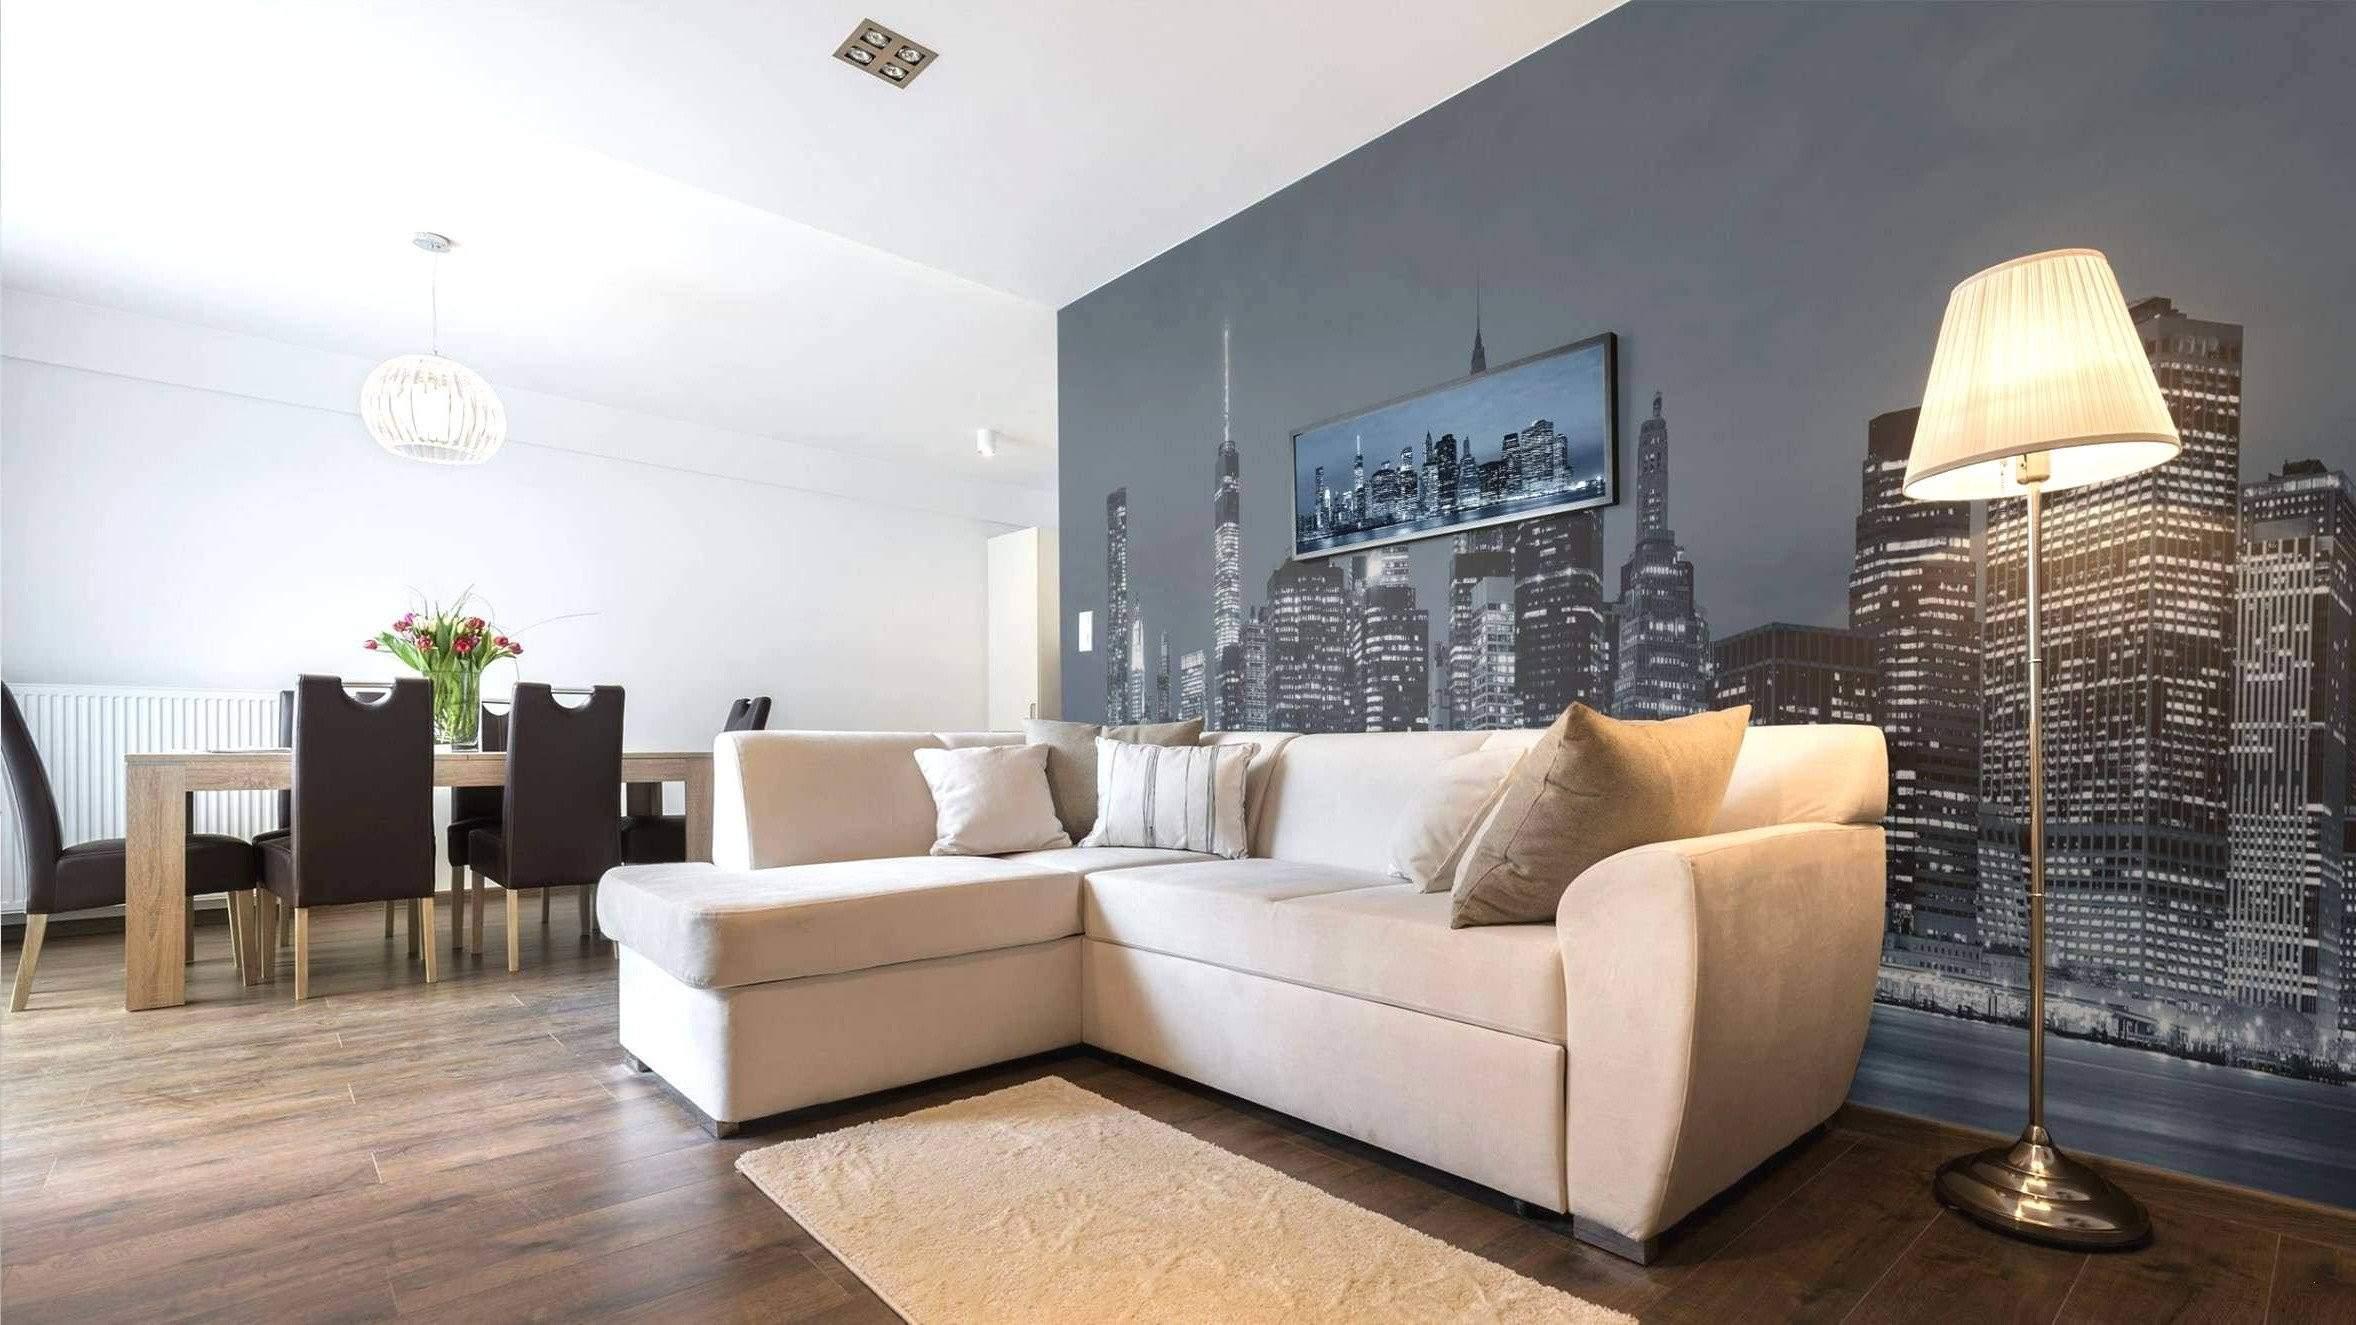 Full Size of Wanddekoration Schlafzimmer Selber Machen Wanddeko Holz Ideen Ikea Amazon Metall Bilder Set Mit Matratze Und Lattenrost Luxus Sitzbank Wandtattoo Led Wohnzimmer Schlafzimmer Wanddeko